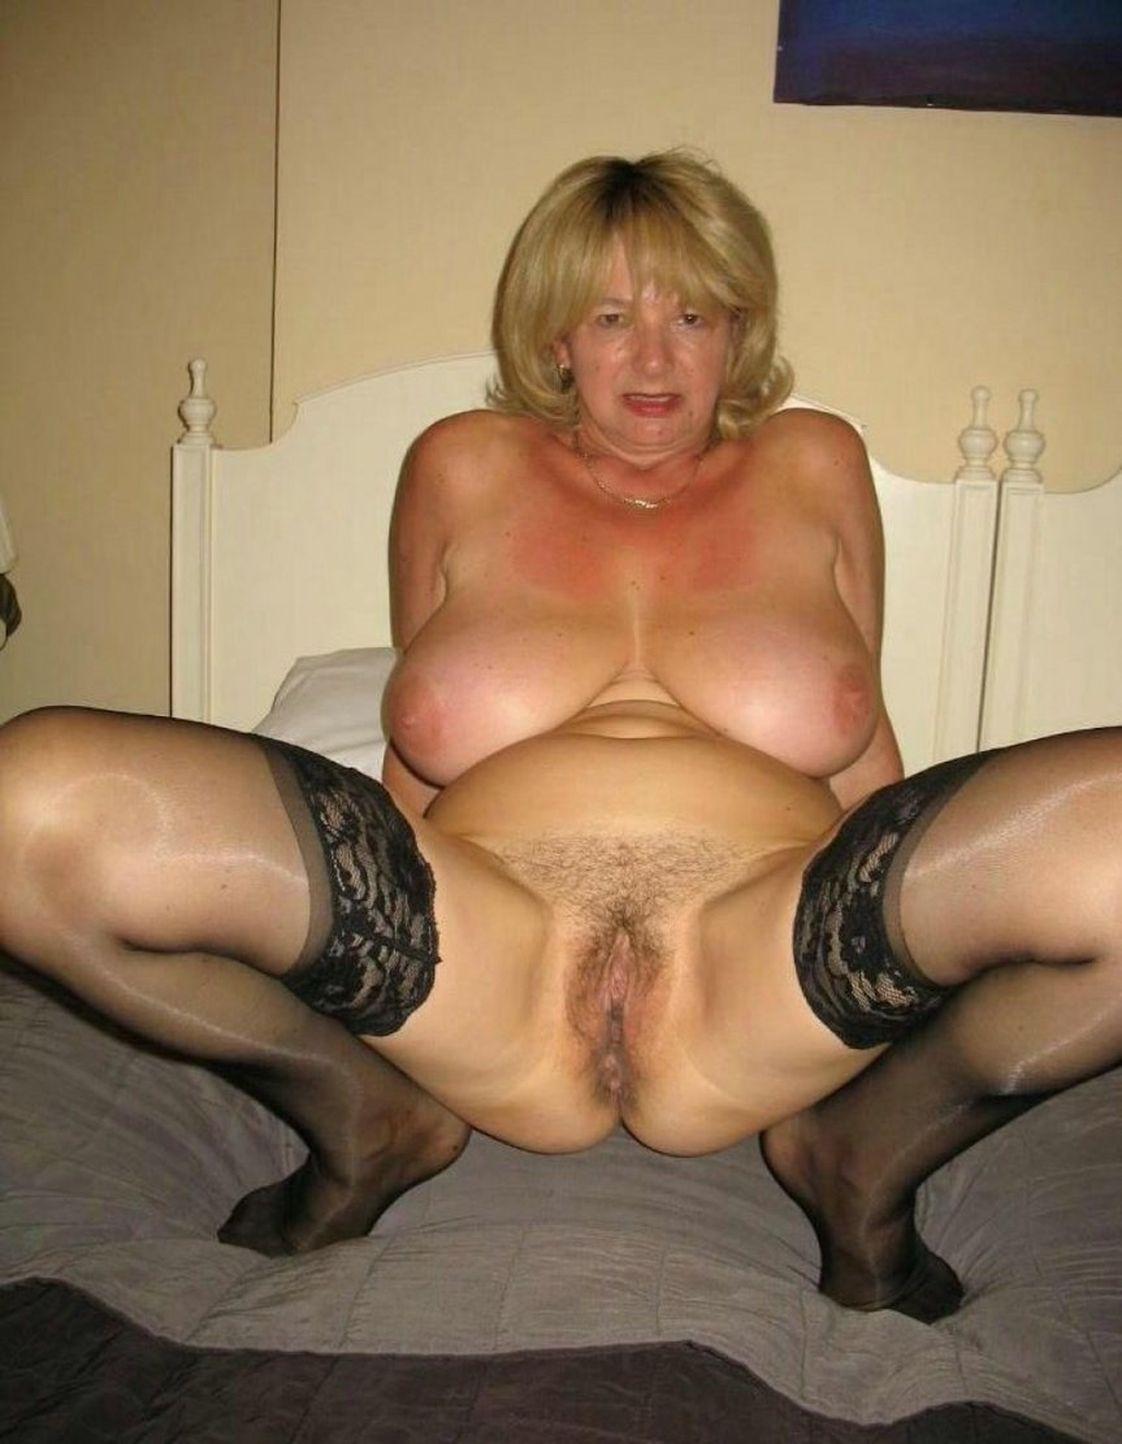 Супер порно зрелые полные дамы фото 19 фотография